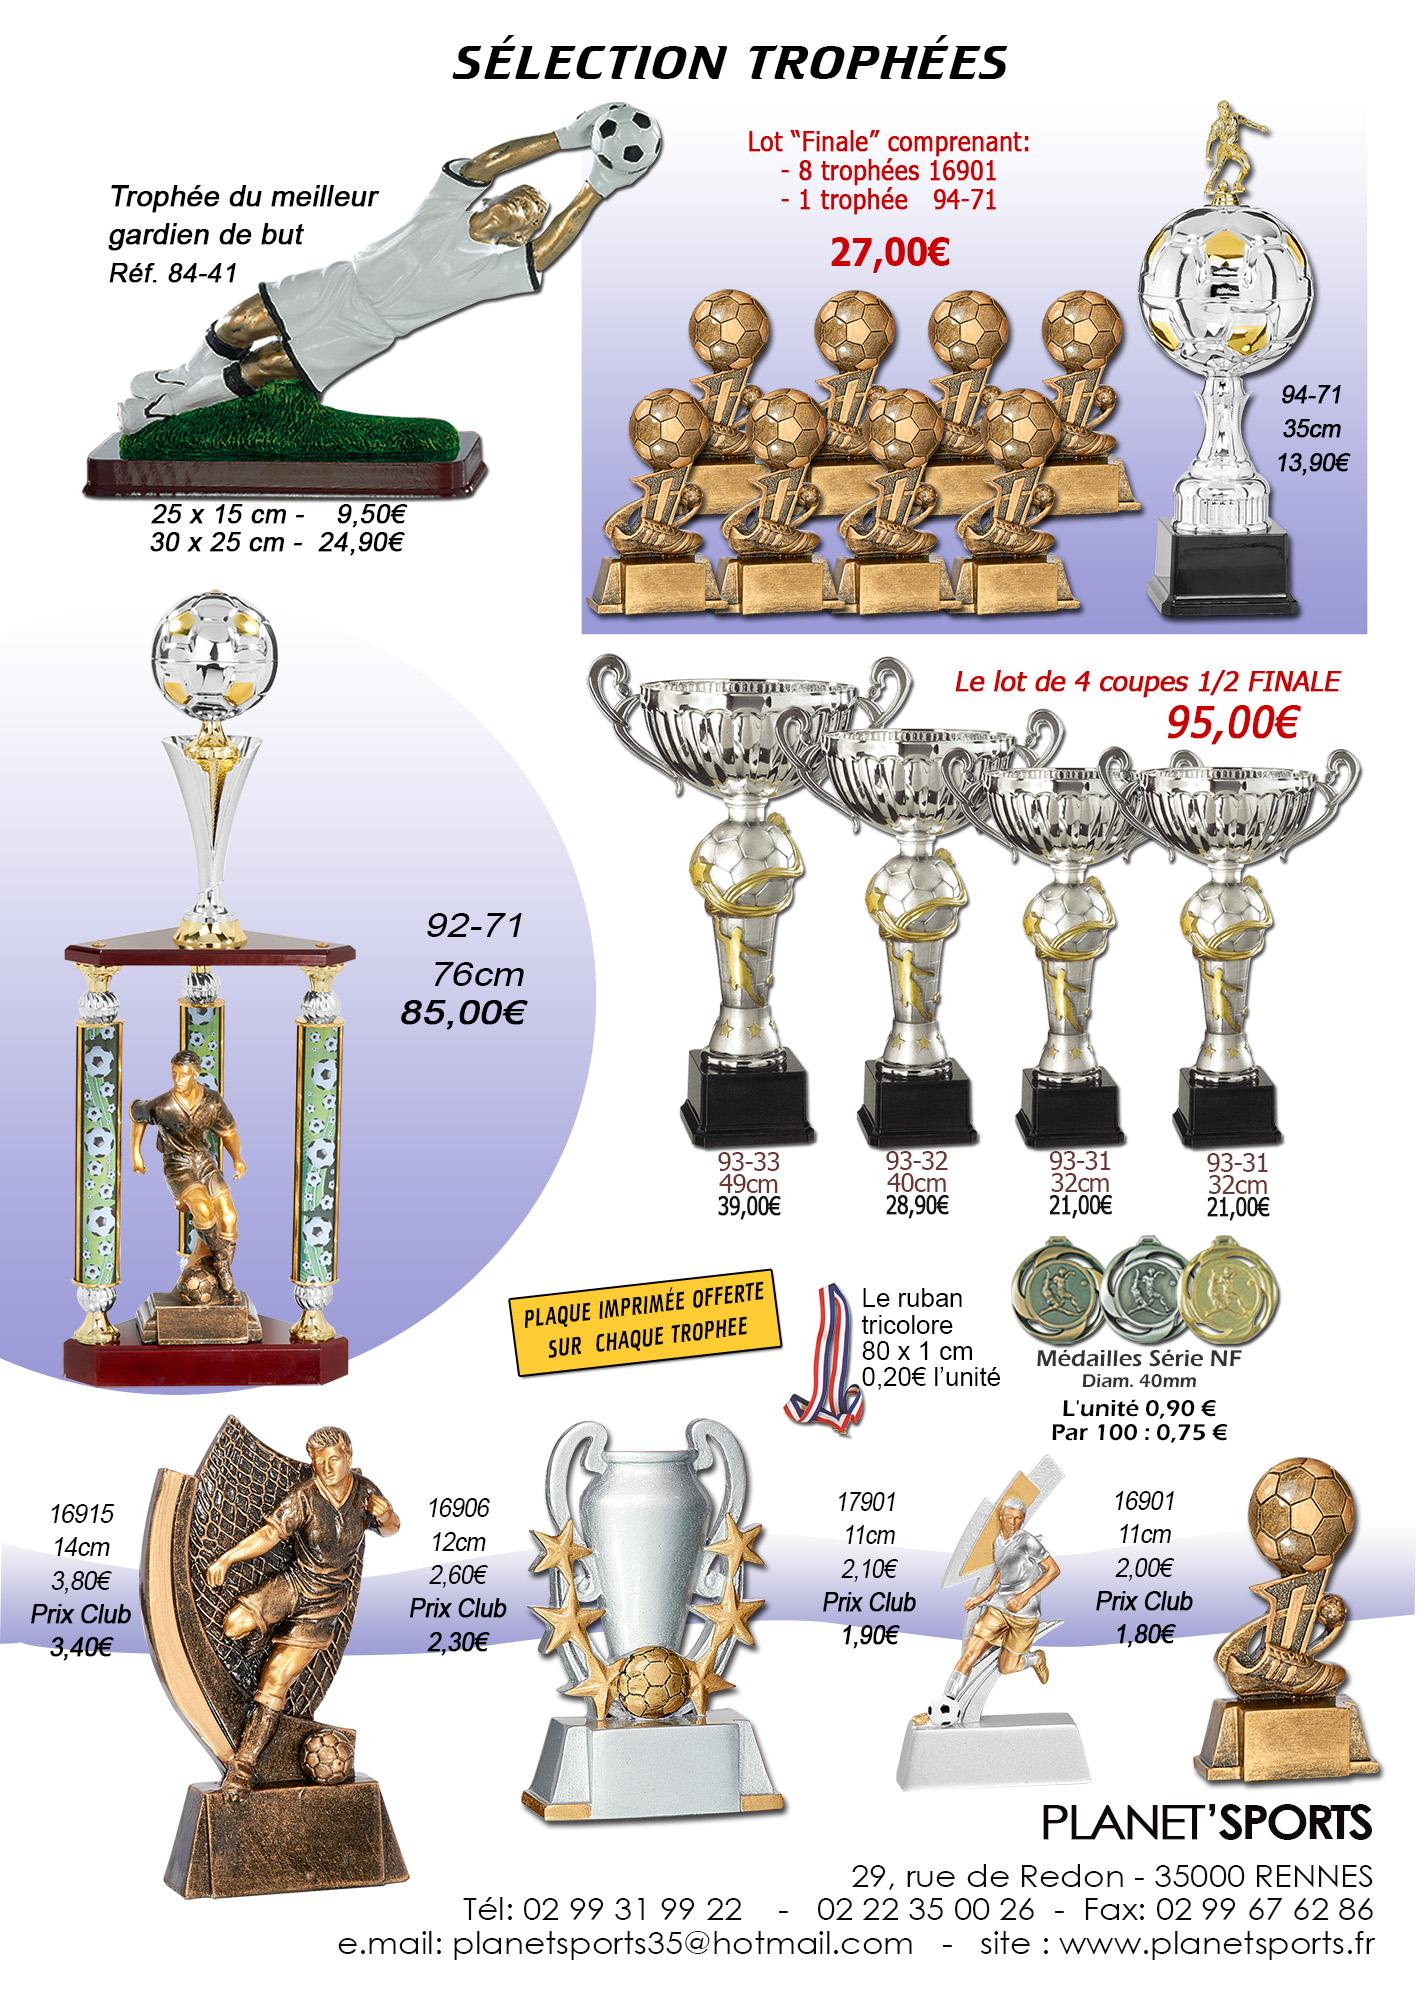 Formules tournoi trophées 2017 taille 12